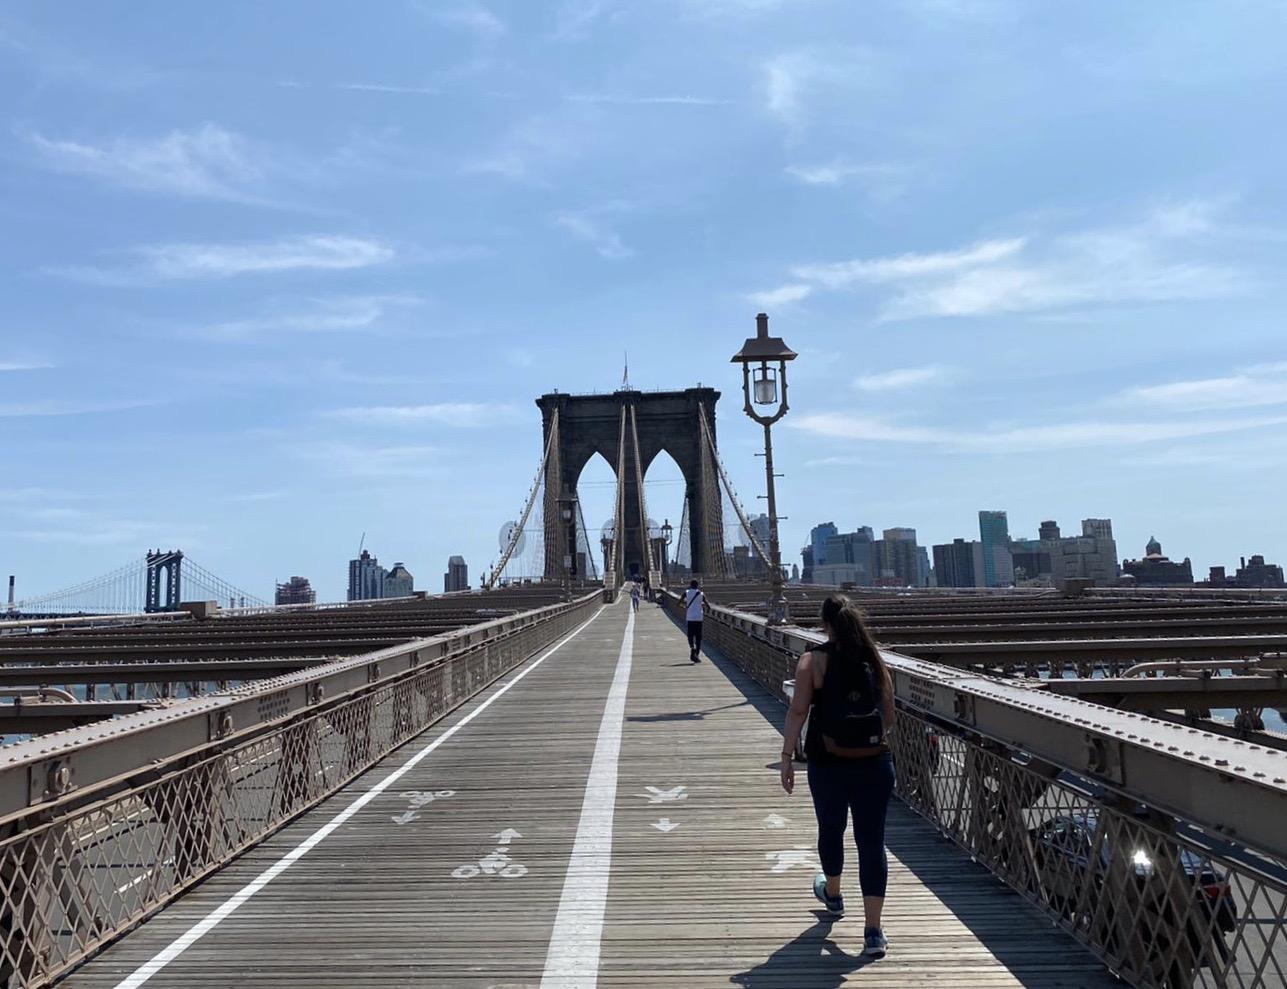 Atrações gratuitas em Nova York - brooklyn bridge